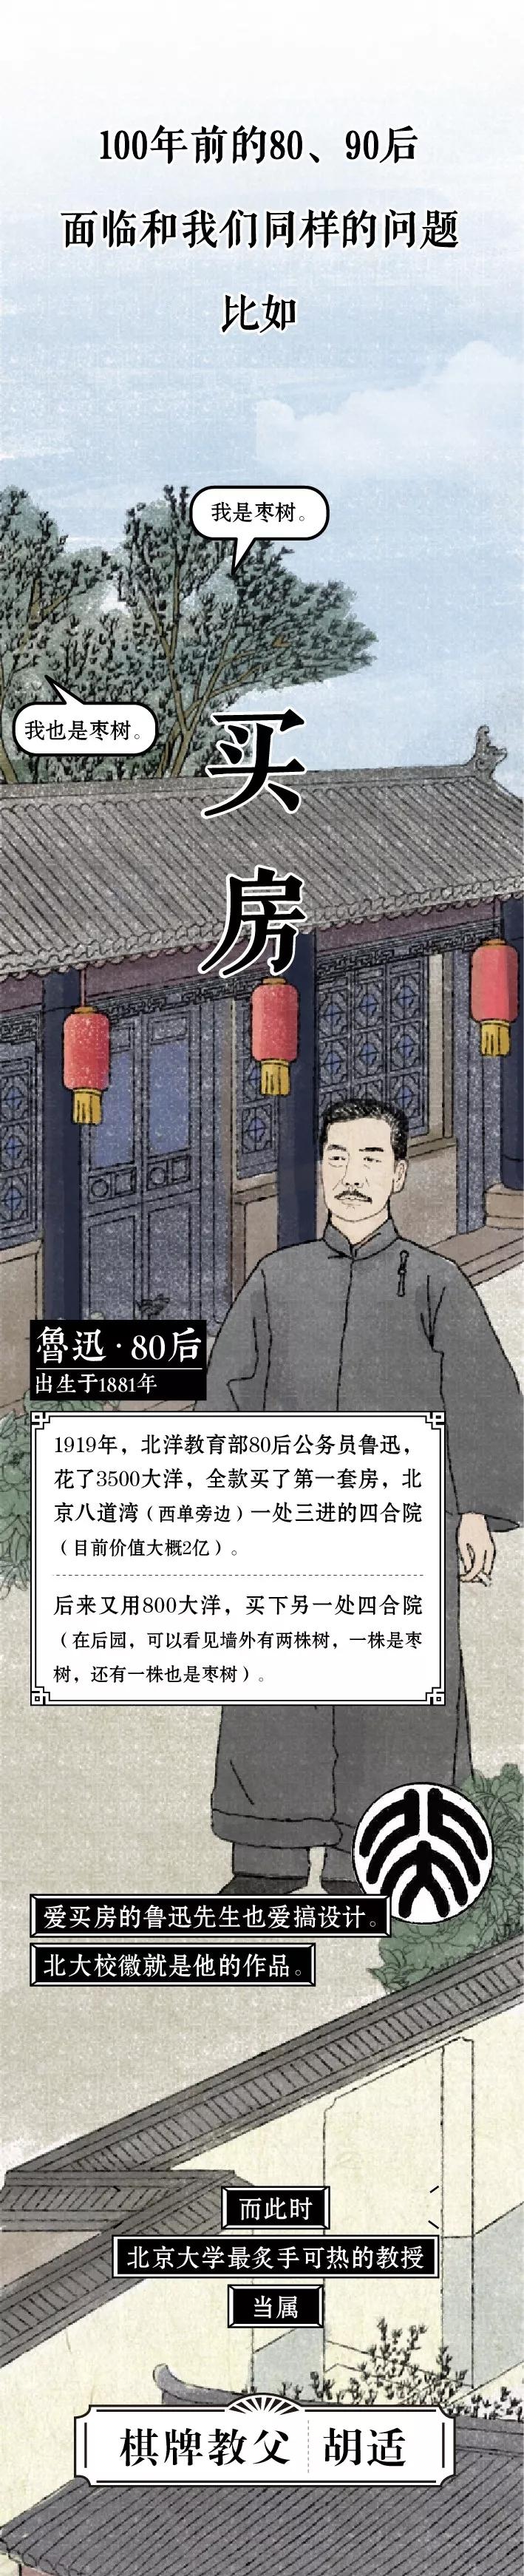 meishubao/2019050411041110742.jpg